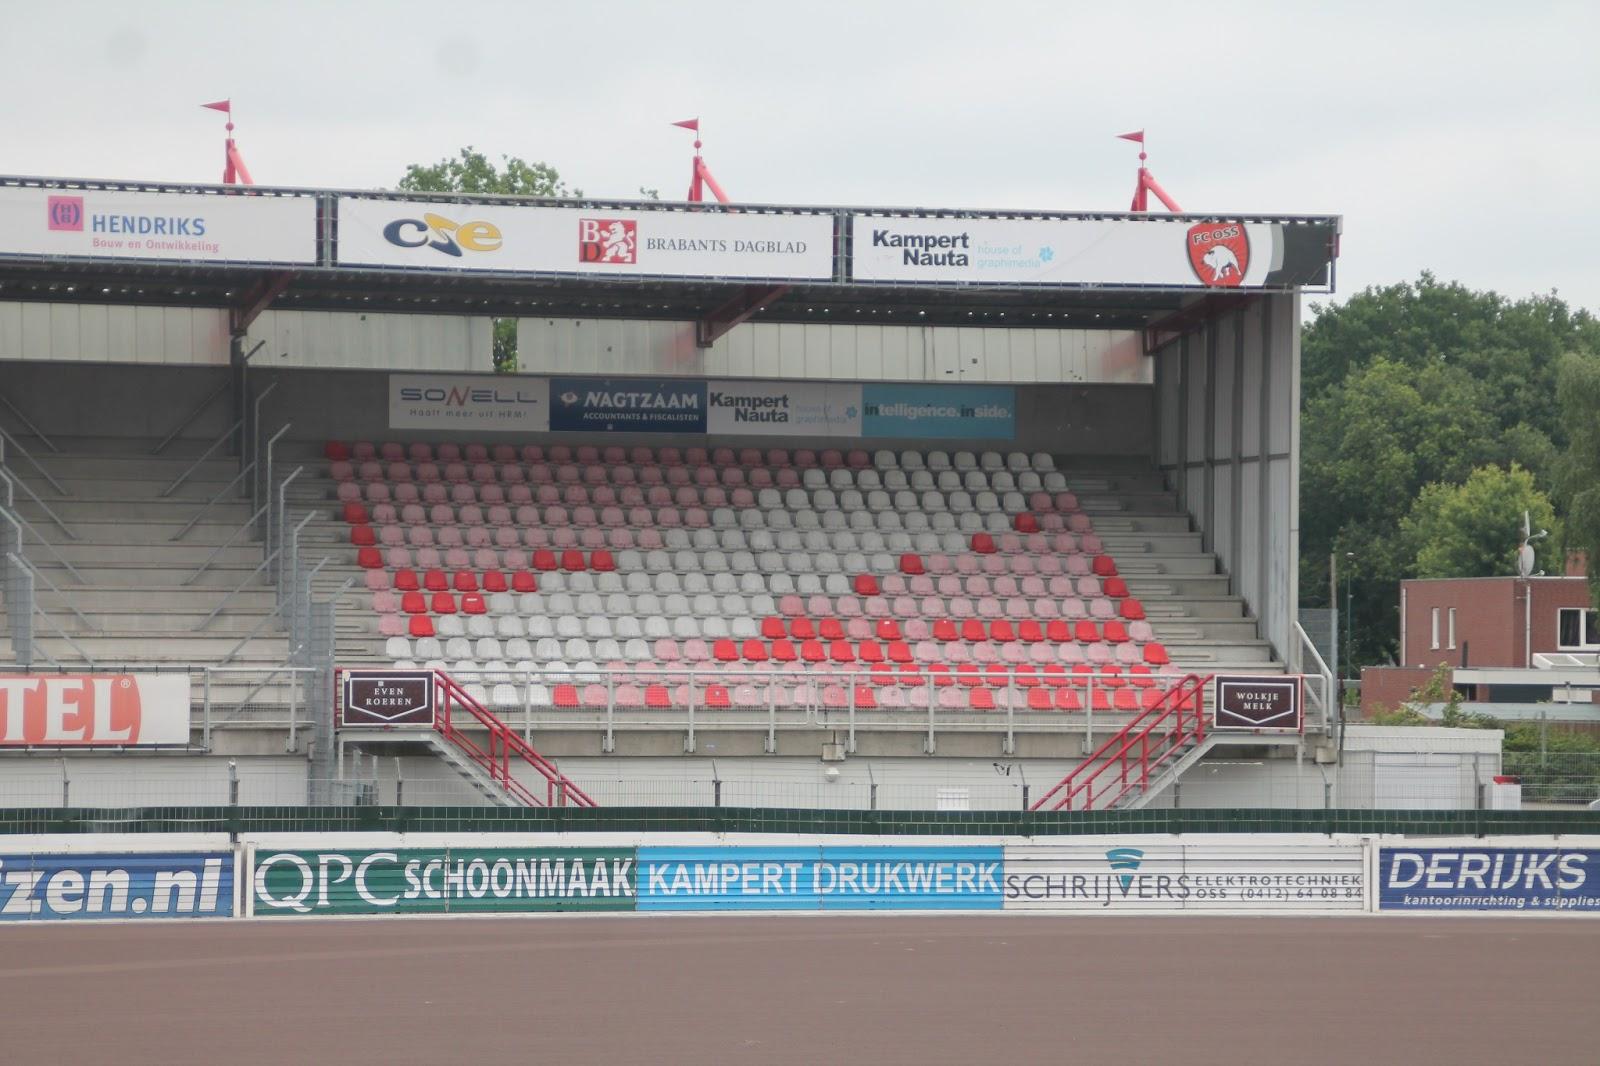 Derijks Kantoorinrichting Supplies.Frans Heesen Stadion Sponsorhome